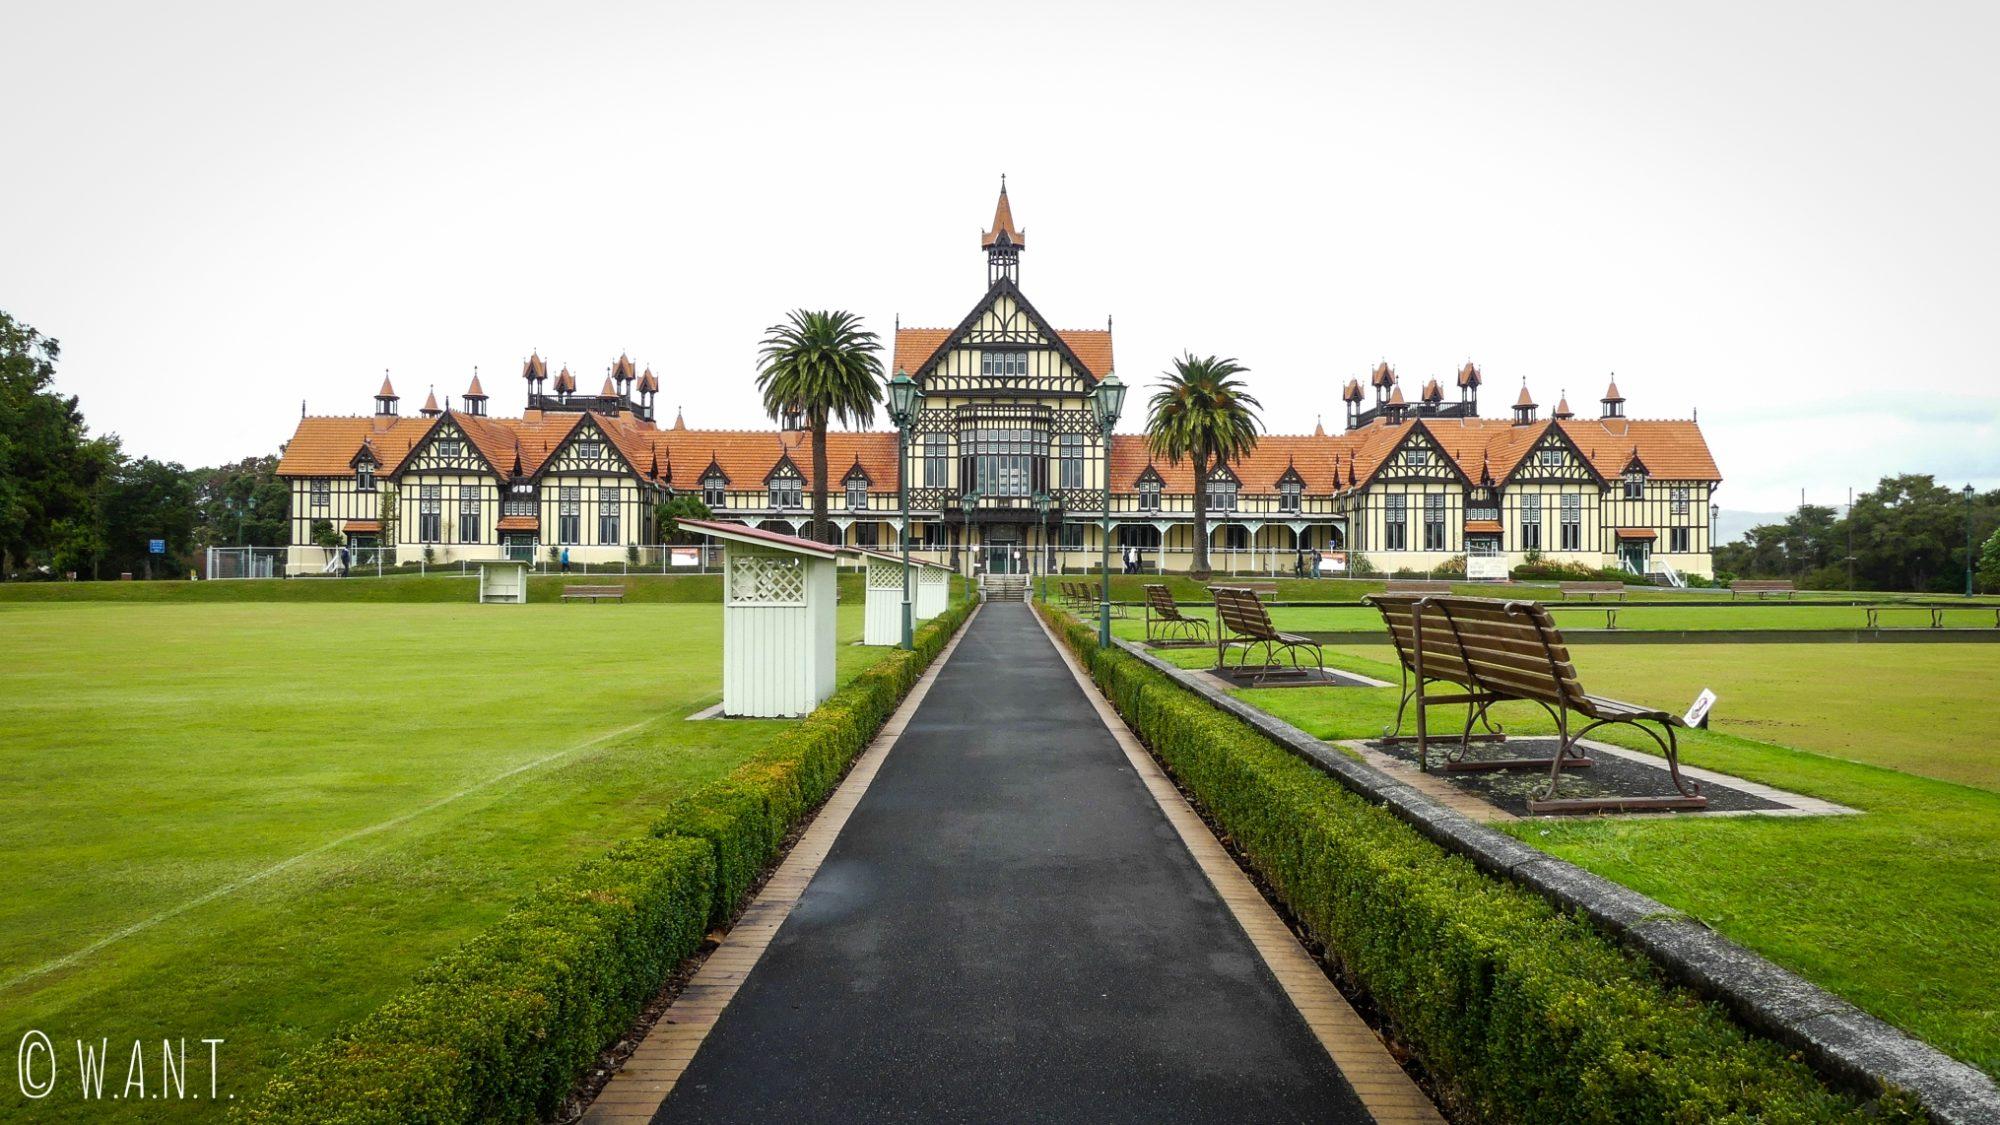 Musée de la ville de Rotorua en Nouvelle-Zélande